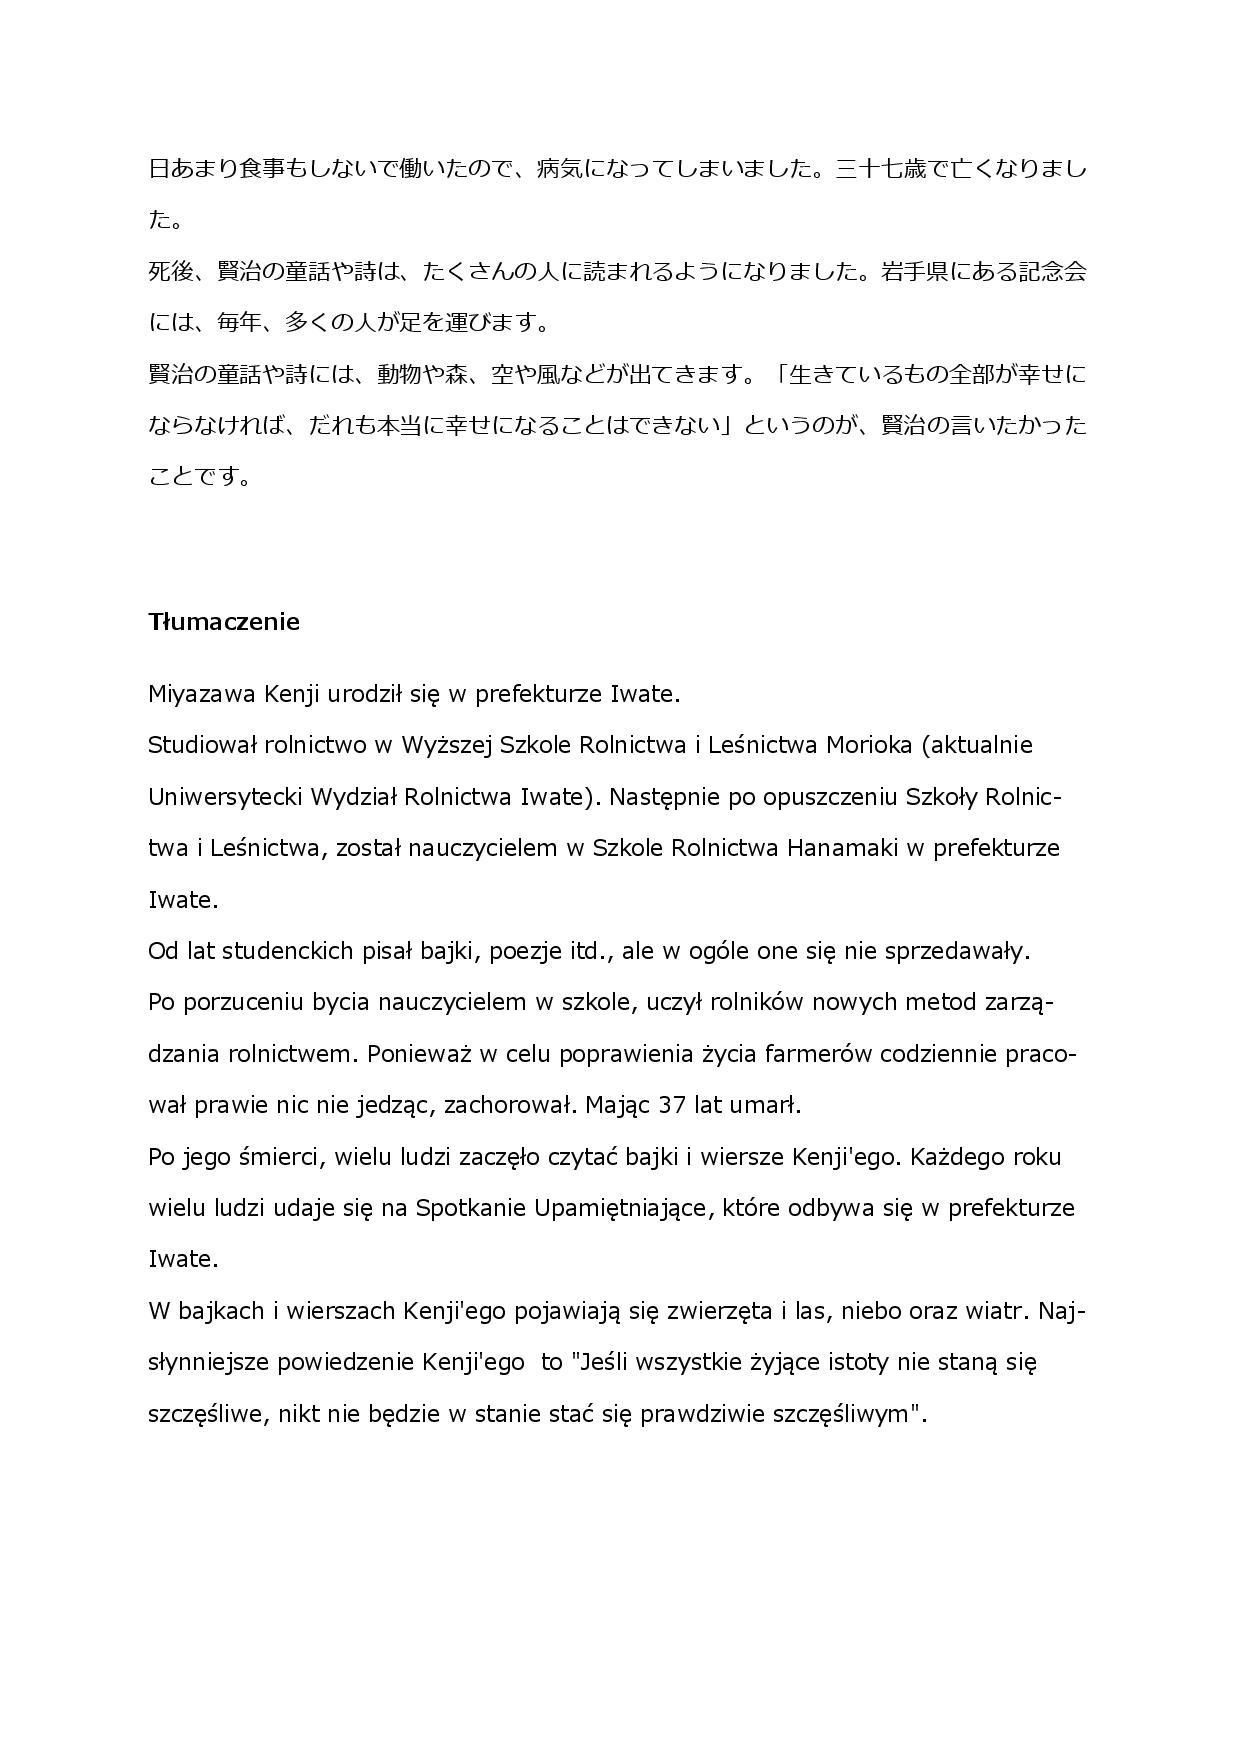 Tekst o Miyazawa Kenji-page-002